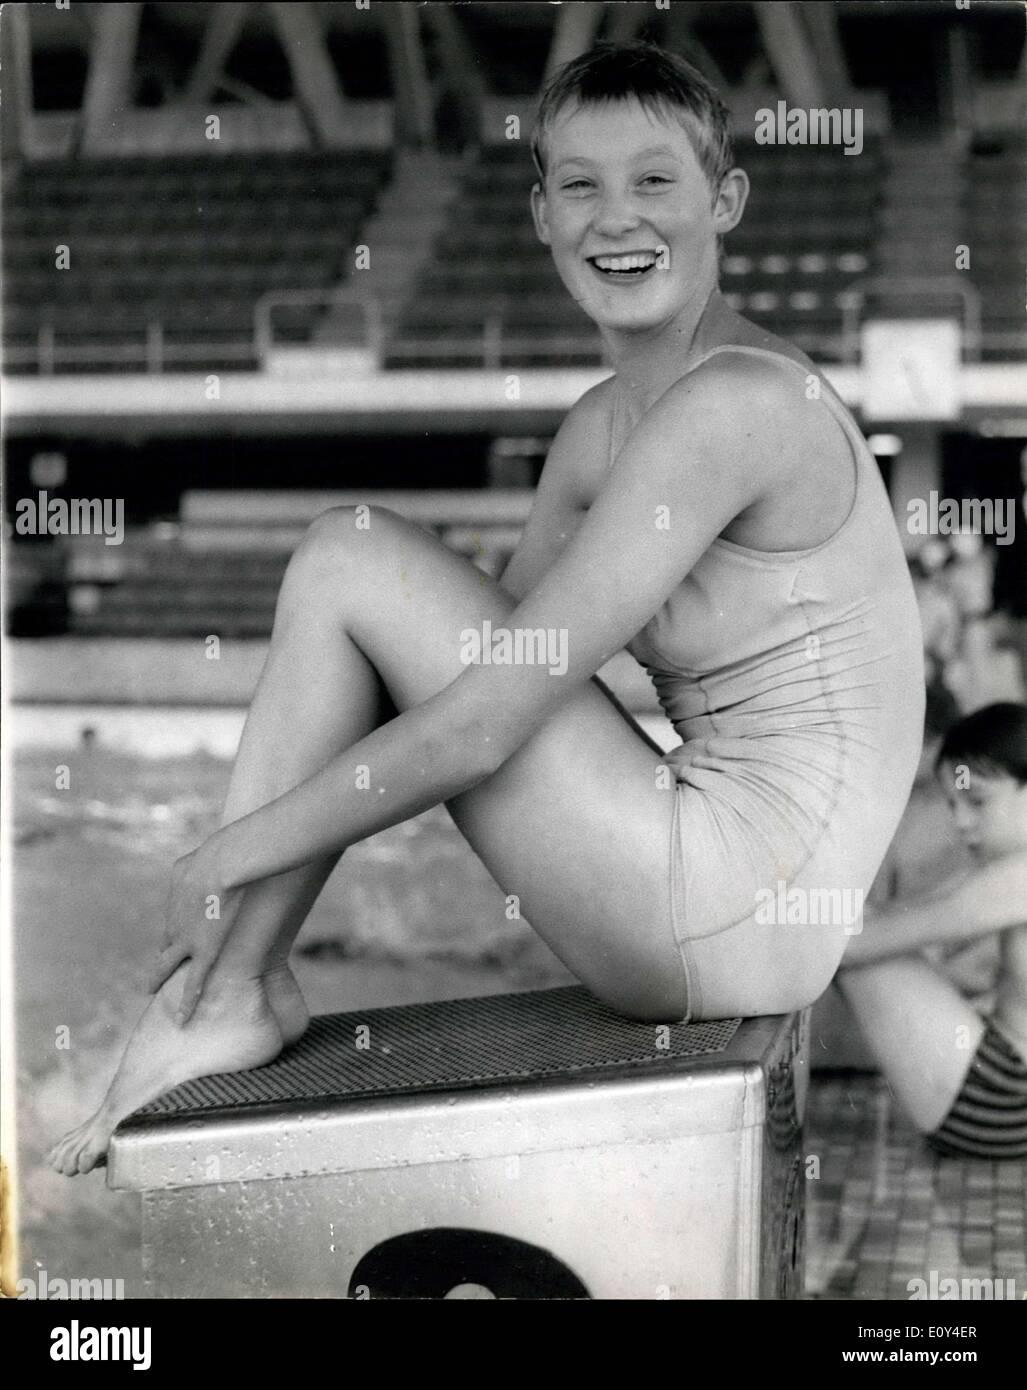 02 août 1968 - Jeux Olympiques de certitude. formation: à l'âge de 17 ans, Chelsea girl, Photo Stock